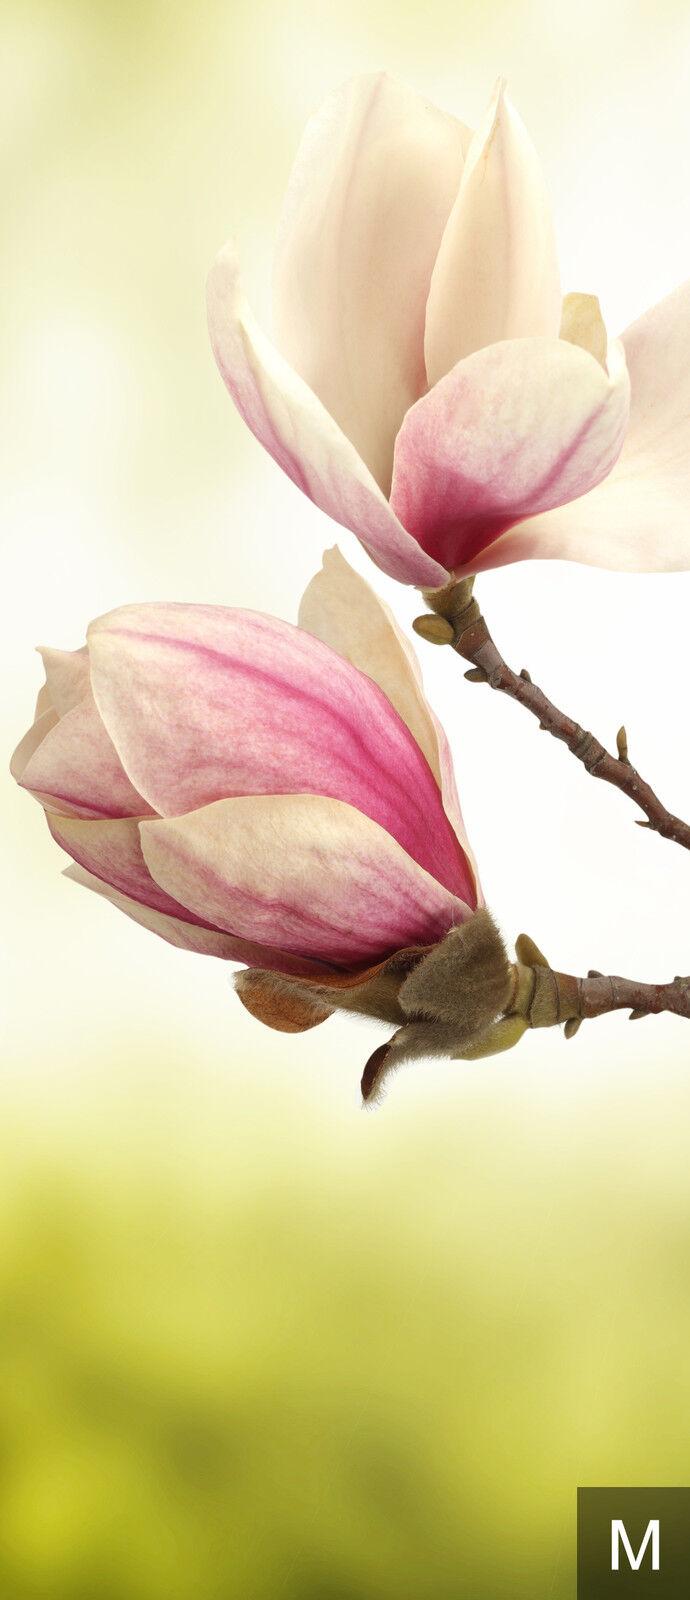 Papier peint toile toile peint MAGNOLIA papiers peints   fleurs fdb106 f18540